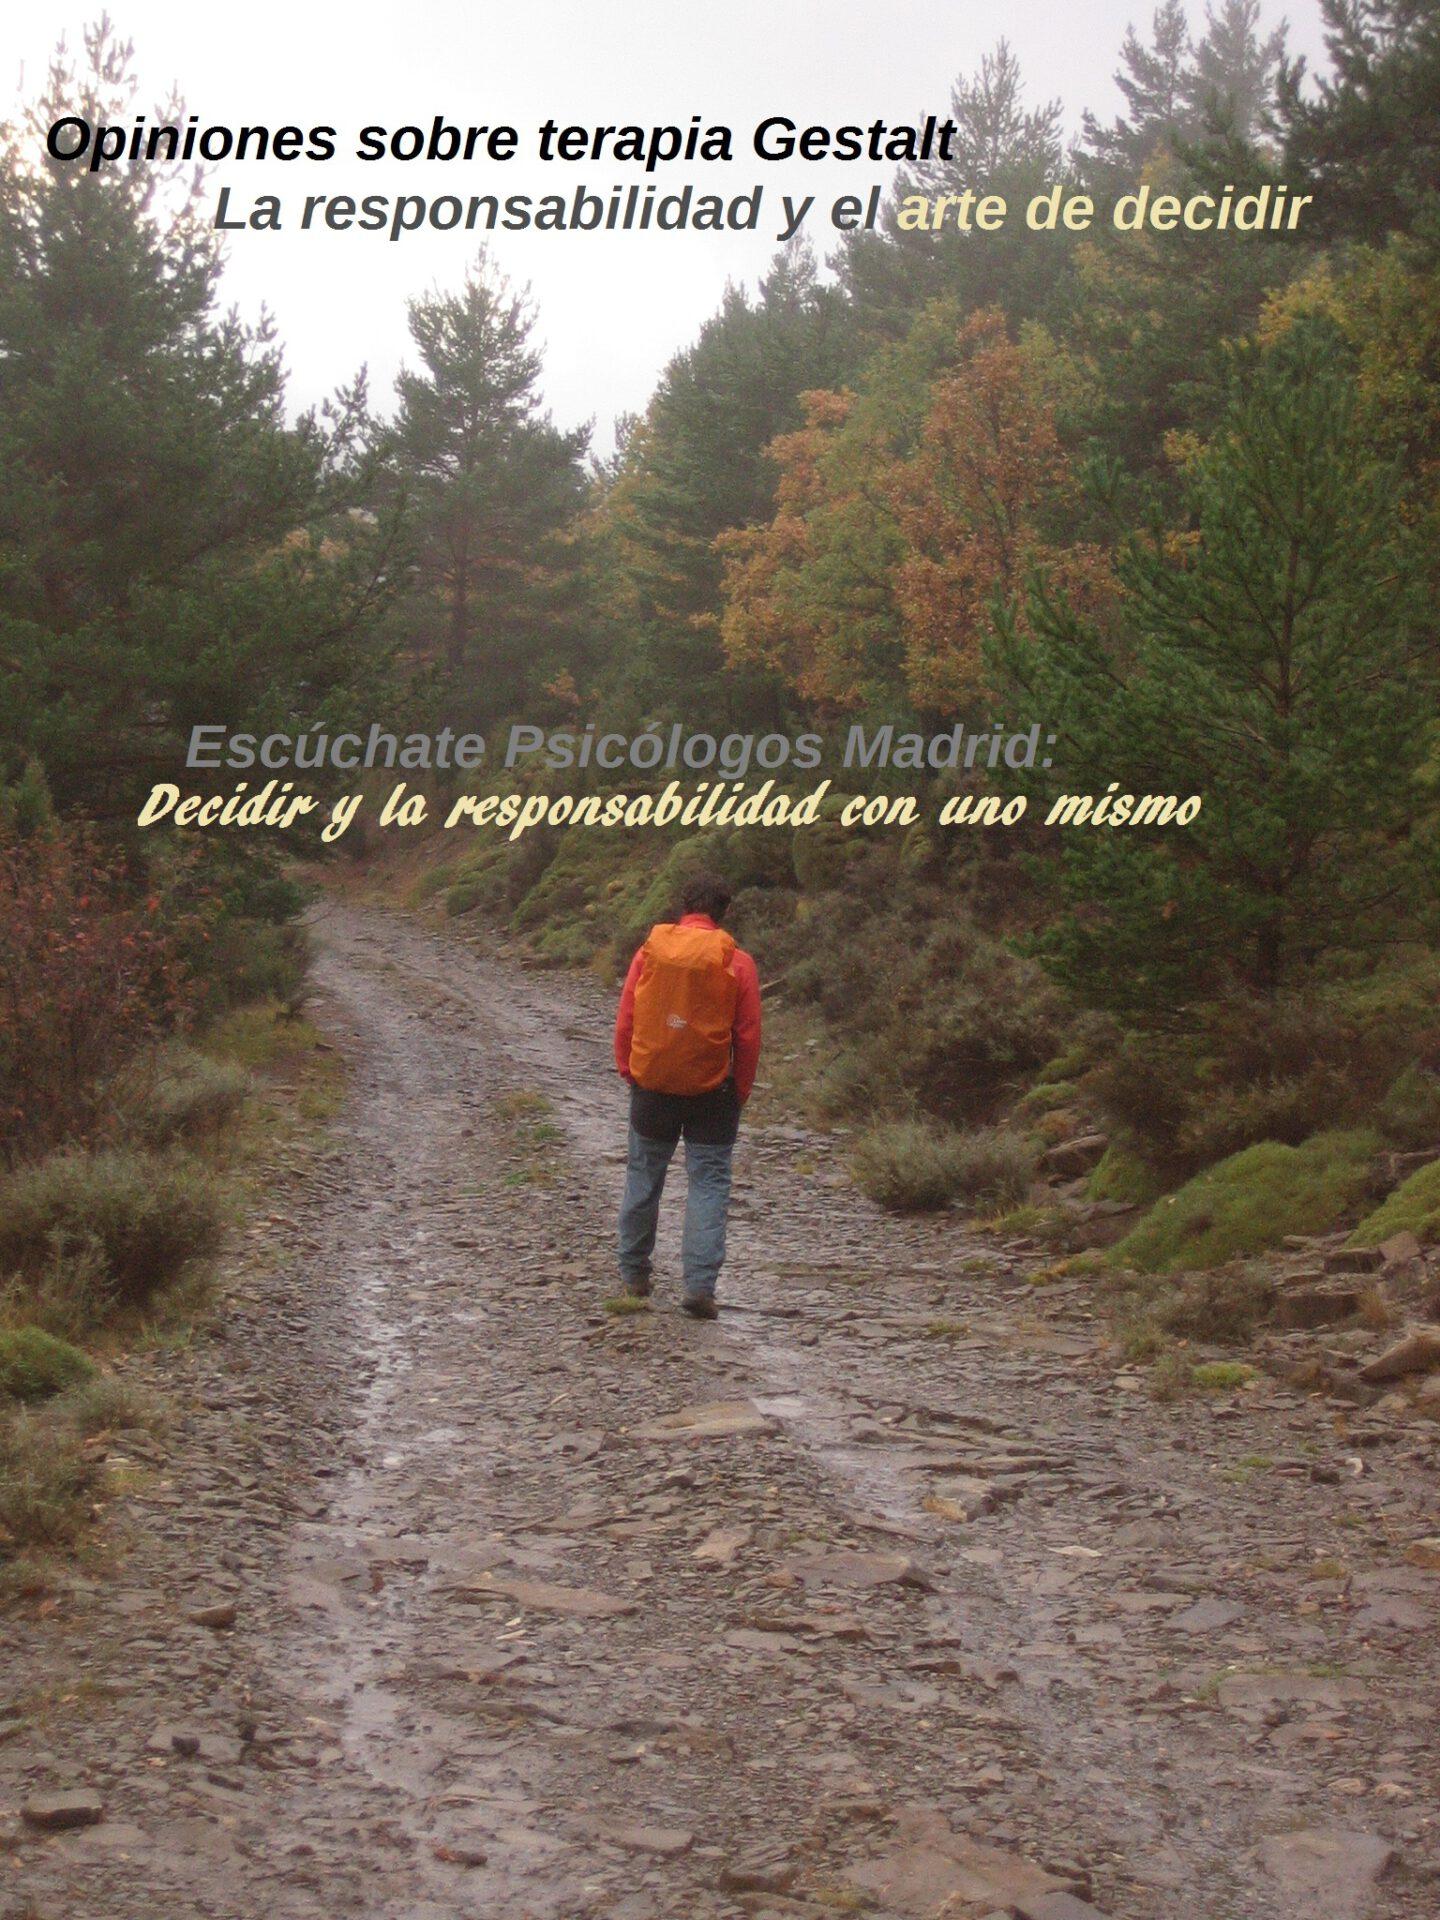 Responsabilidad y gestalt